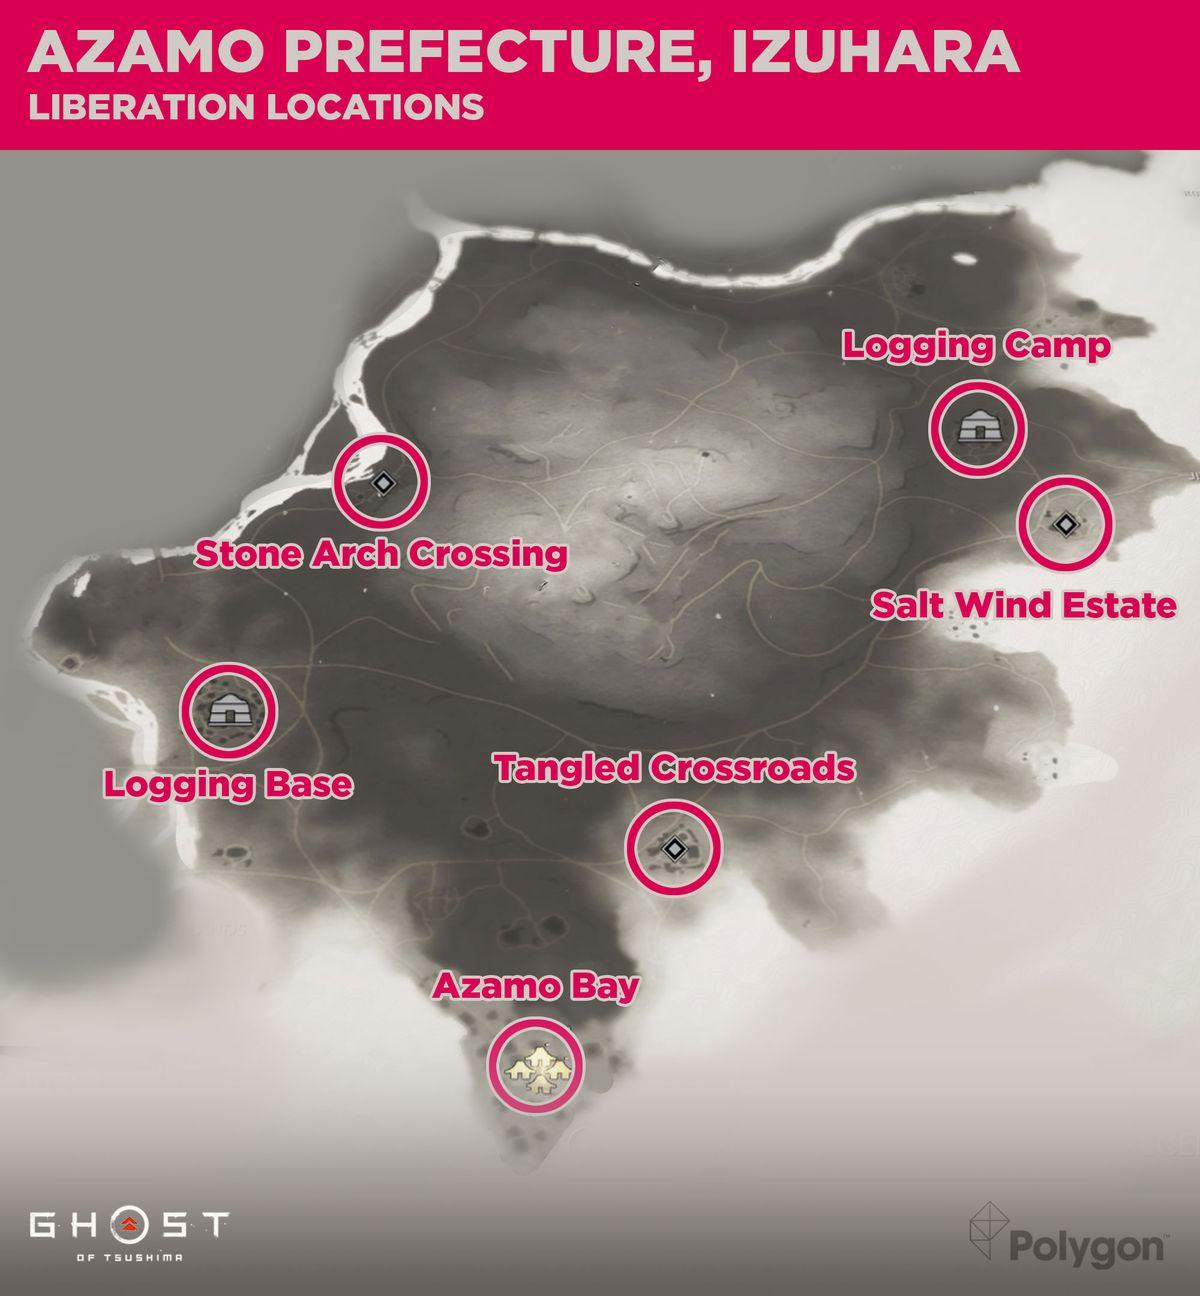 La prefectura de Azamo en Ghost of Tsushima y las áreas que necesitan ser limpiadas, que incluyen: Azamo By, la base de madera, el cruce del arco de piedra, el cruce de caminos, Salt Wind Estate y el campamento maderero.